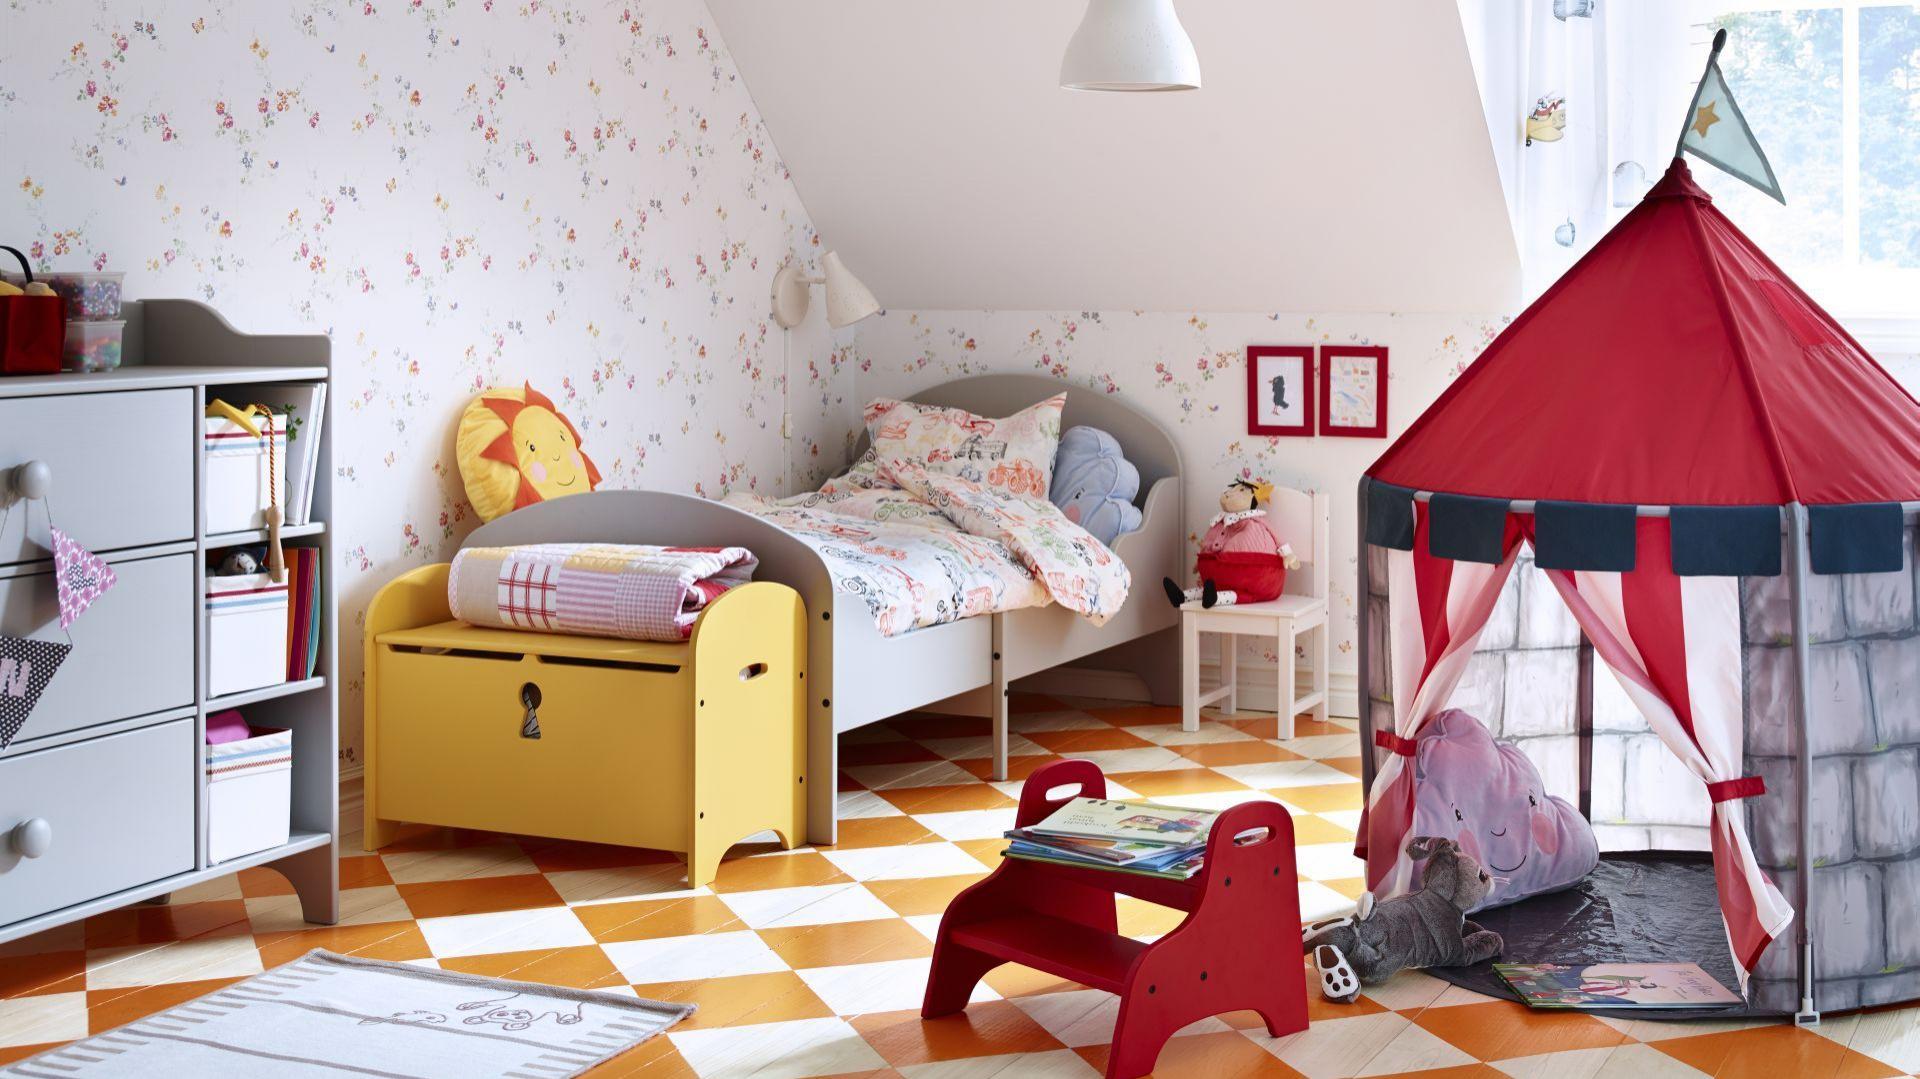 Środek pokoju dziecięcego ustal miejscem na zabawki. Sprawdzi się tu również płócienne tipi lub mały, dziecięcy namiocik. Fot. IKEA.